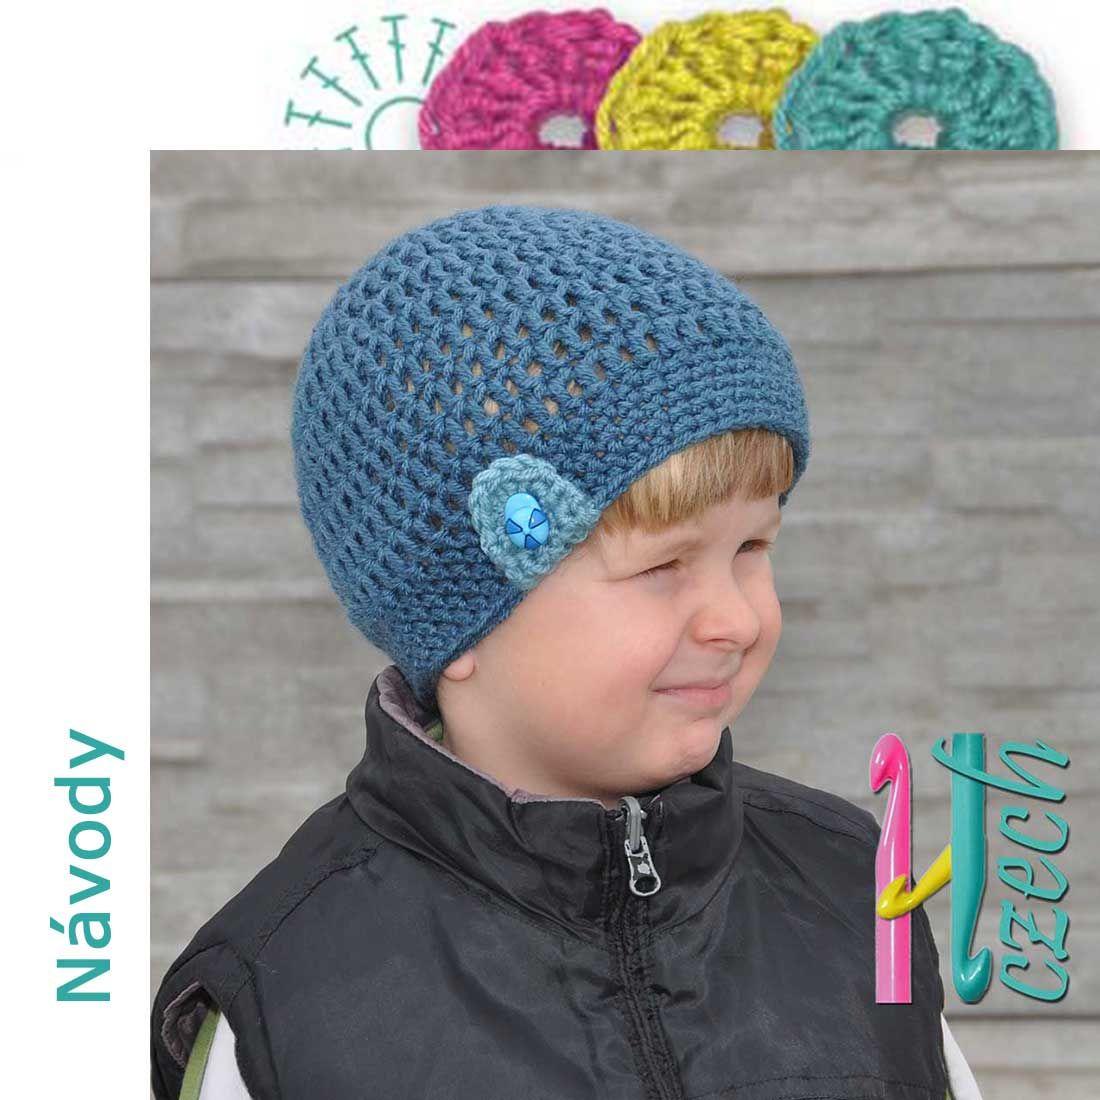 Háčkovaná čepice knoflíček Návod na výrobu háčkované čepice pro děti.  Několik velikostí. 285585753f